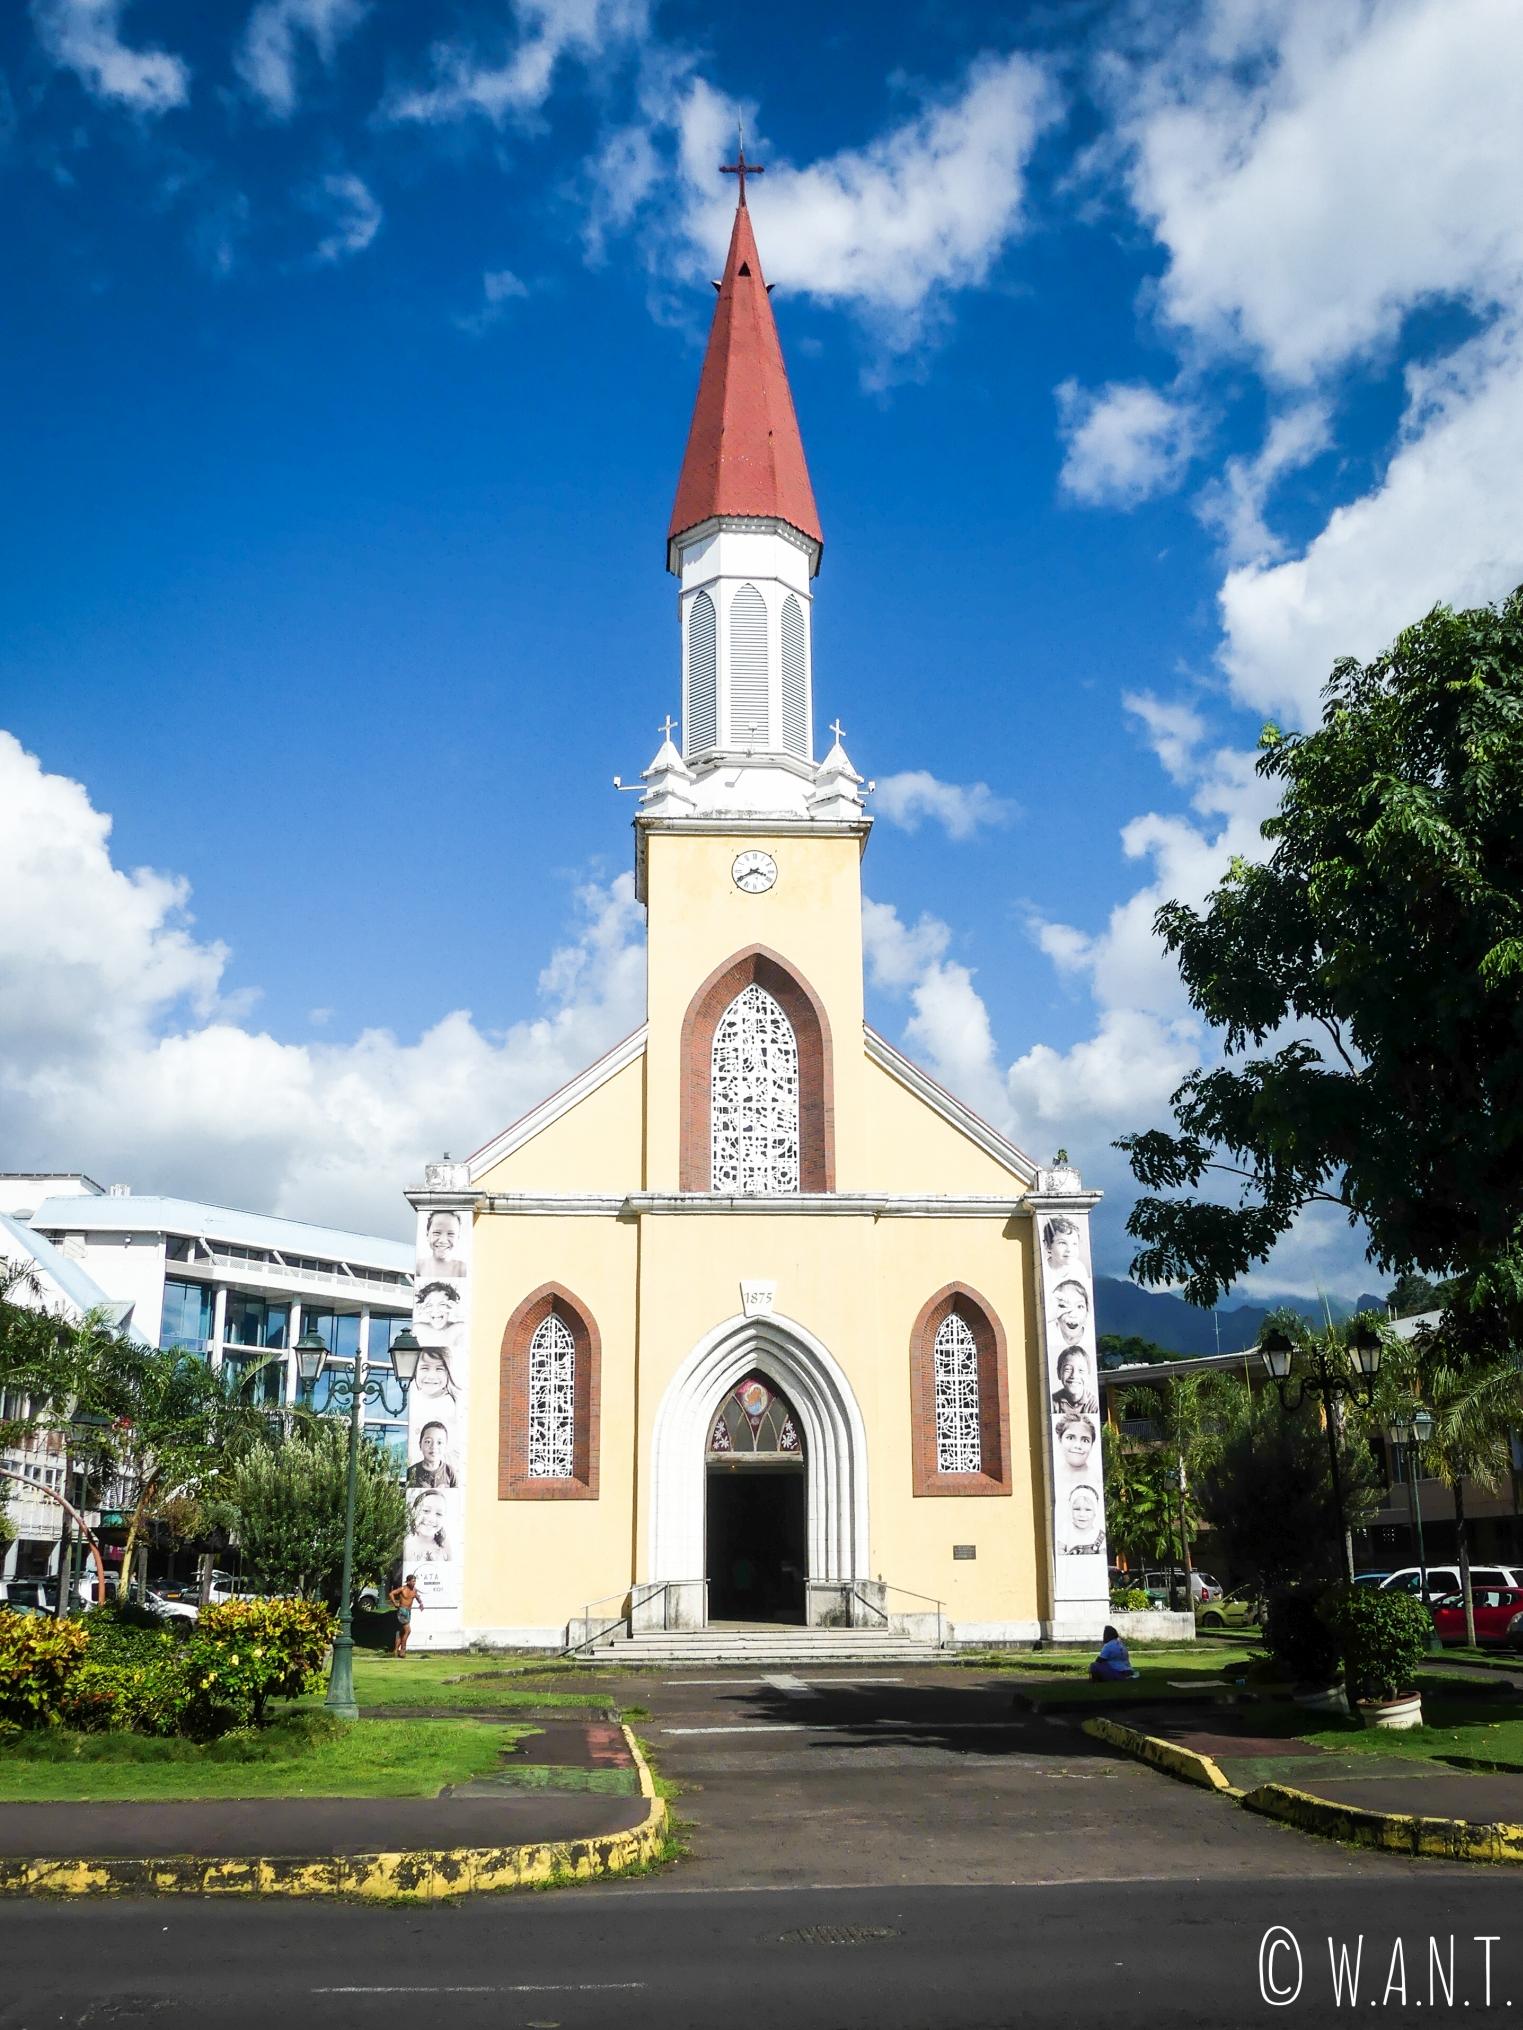 Église dans les rues de Papeete sur l'île de Tahiti